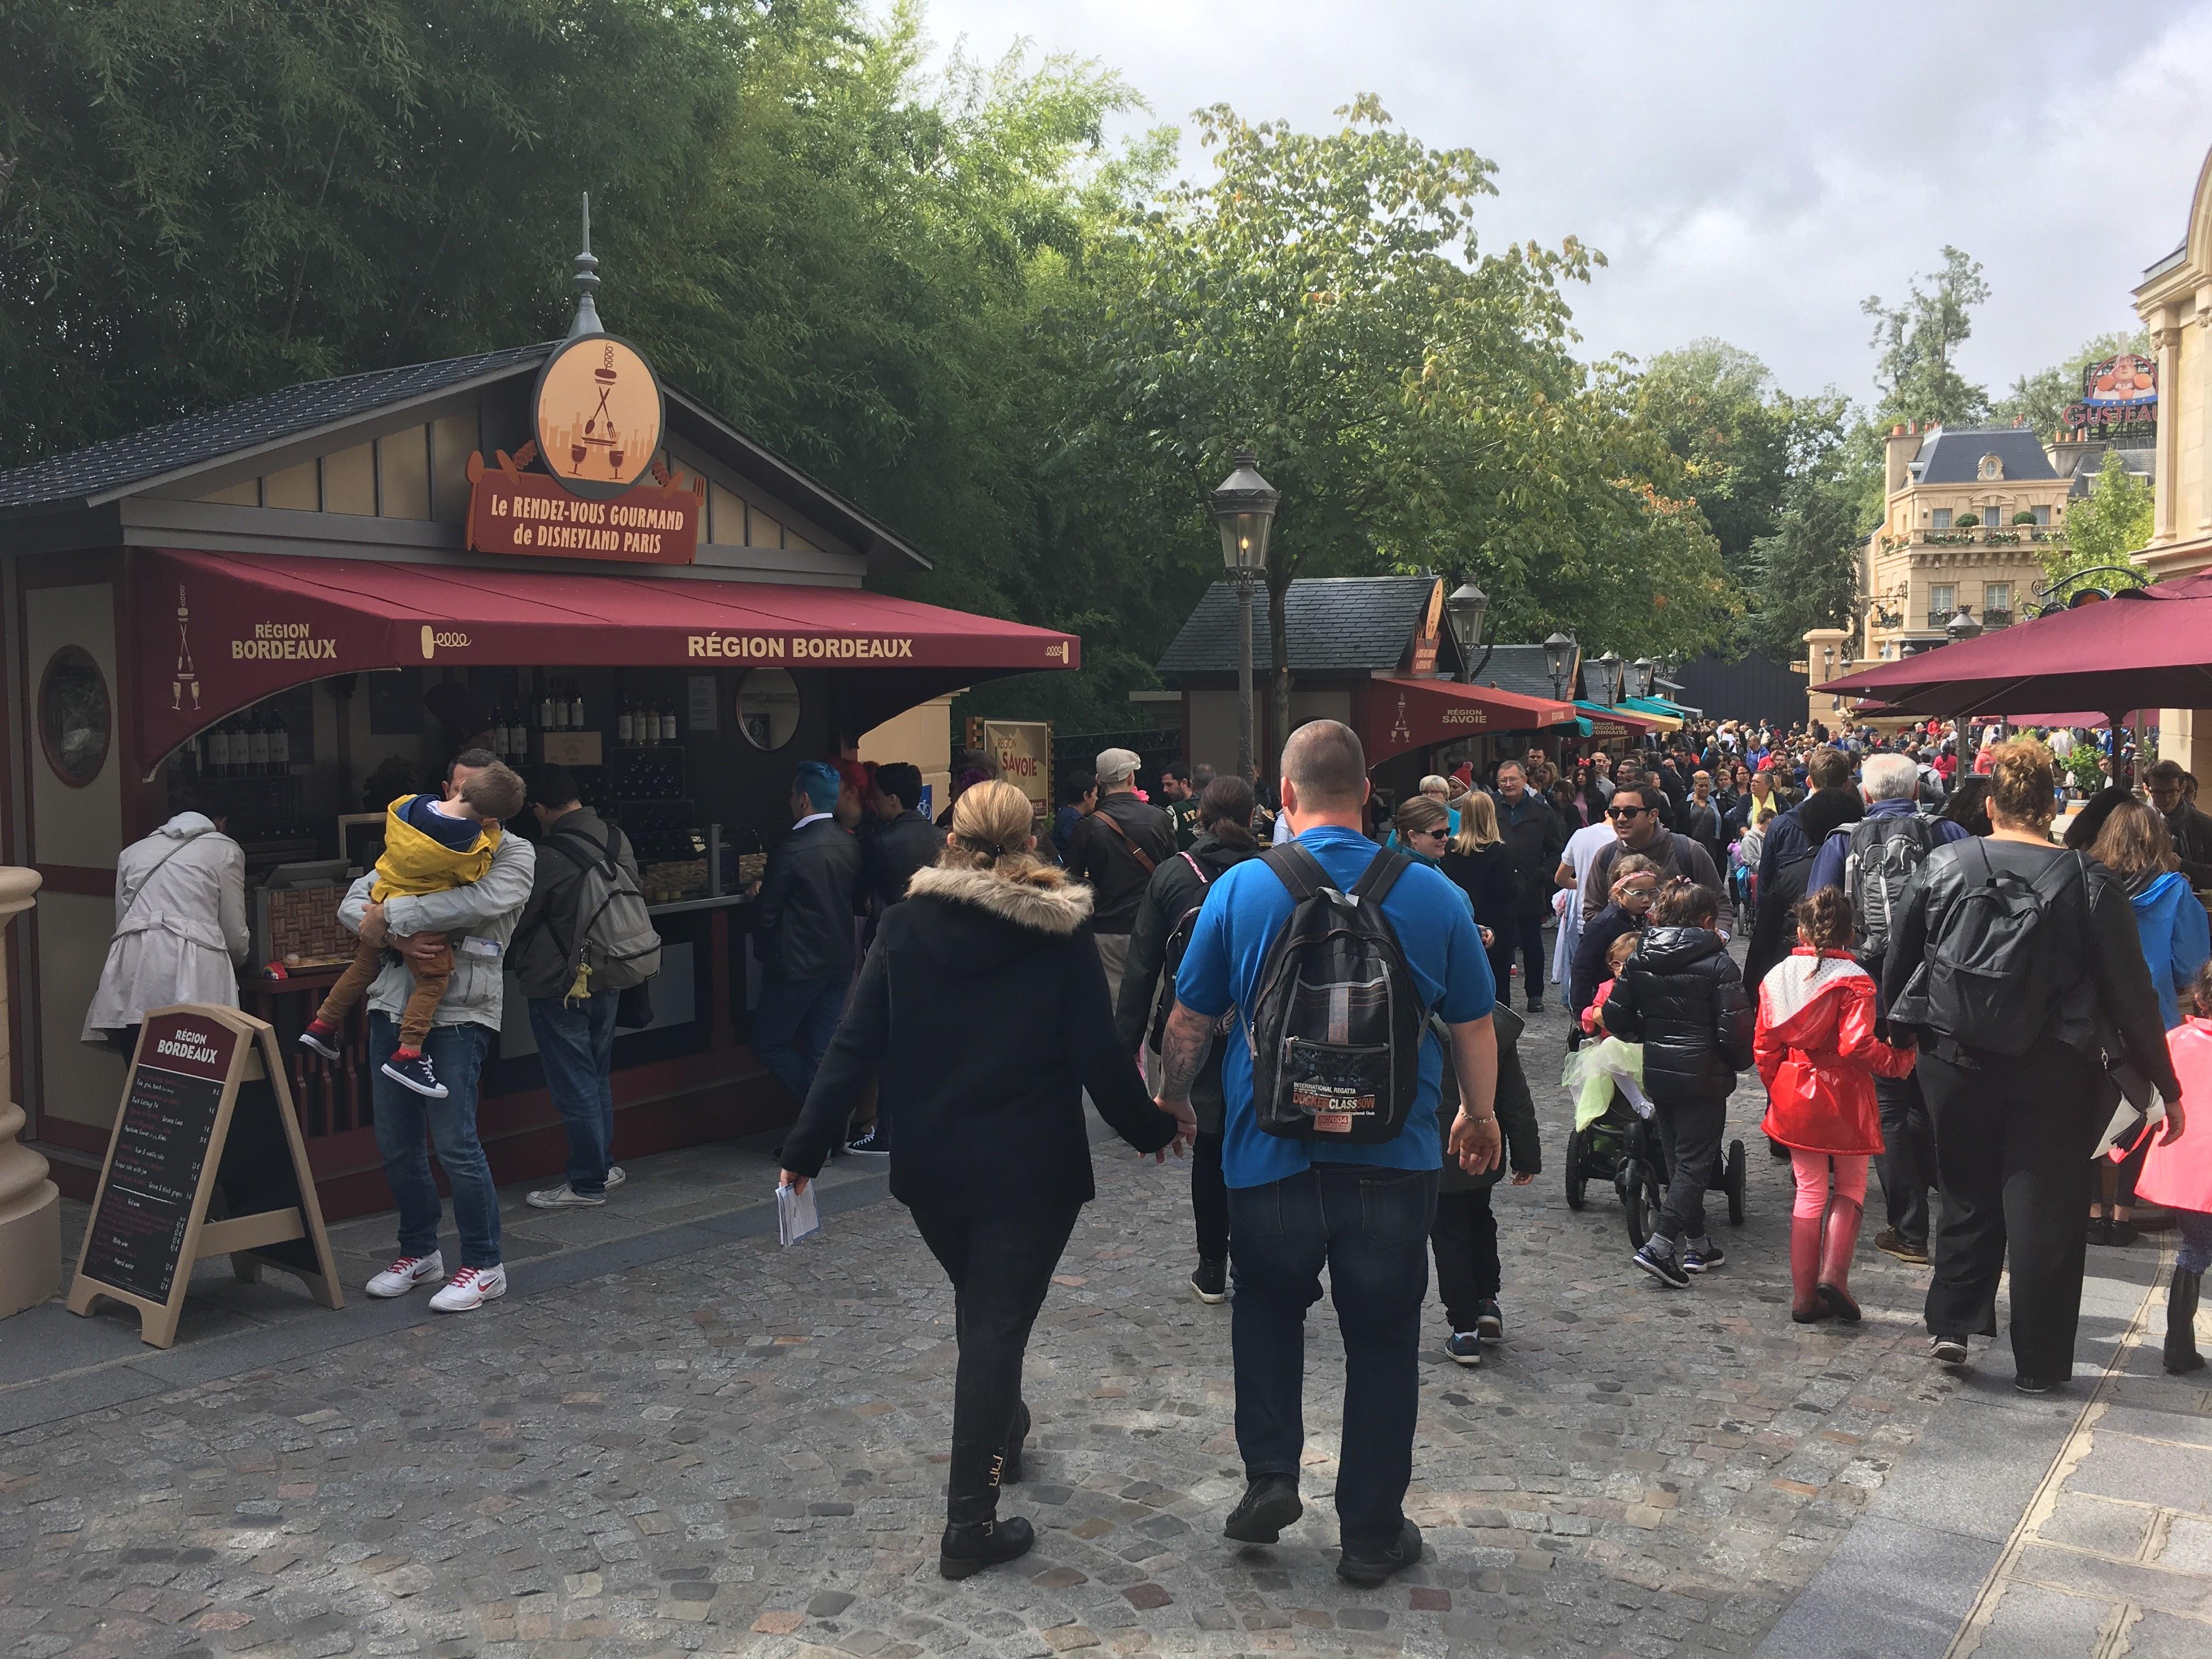 Disneyland Paris - Food Festival 2017 - Le Rendez-vous Gourmand